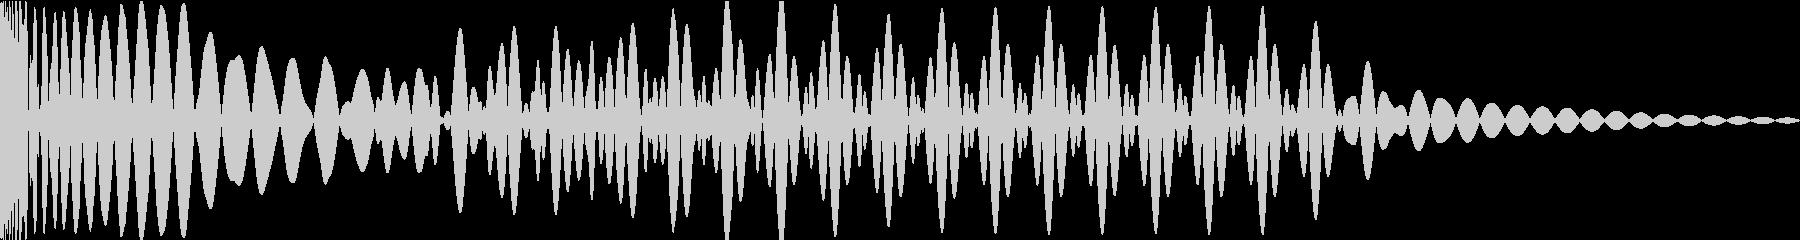 EDMキック キーG#の未再生の波形